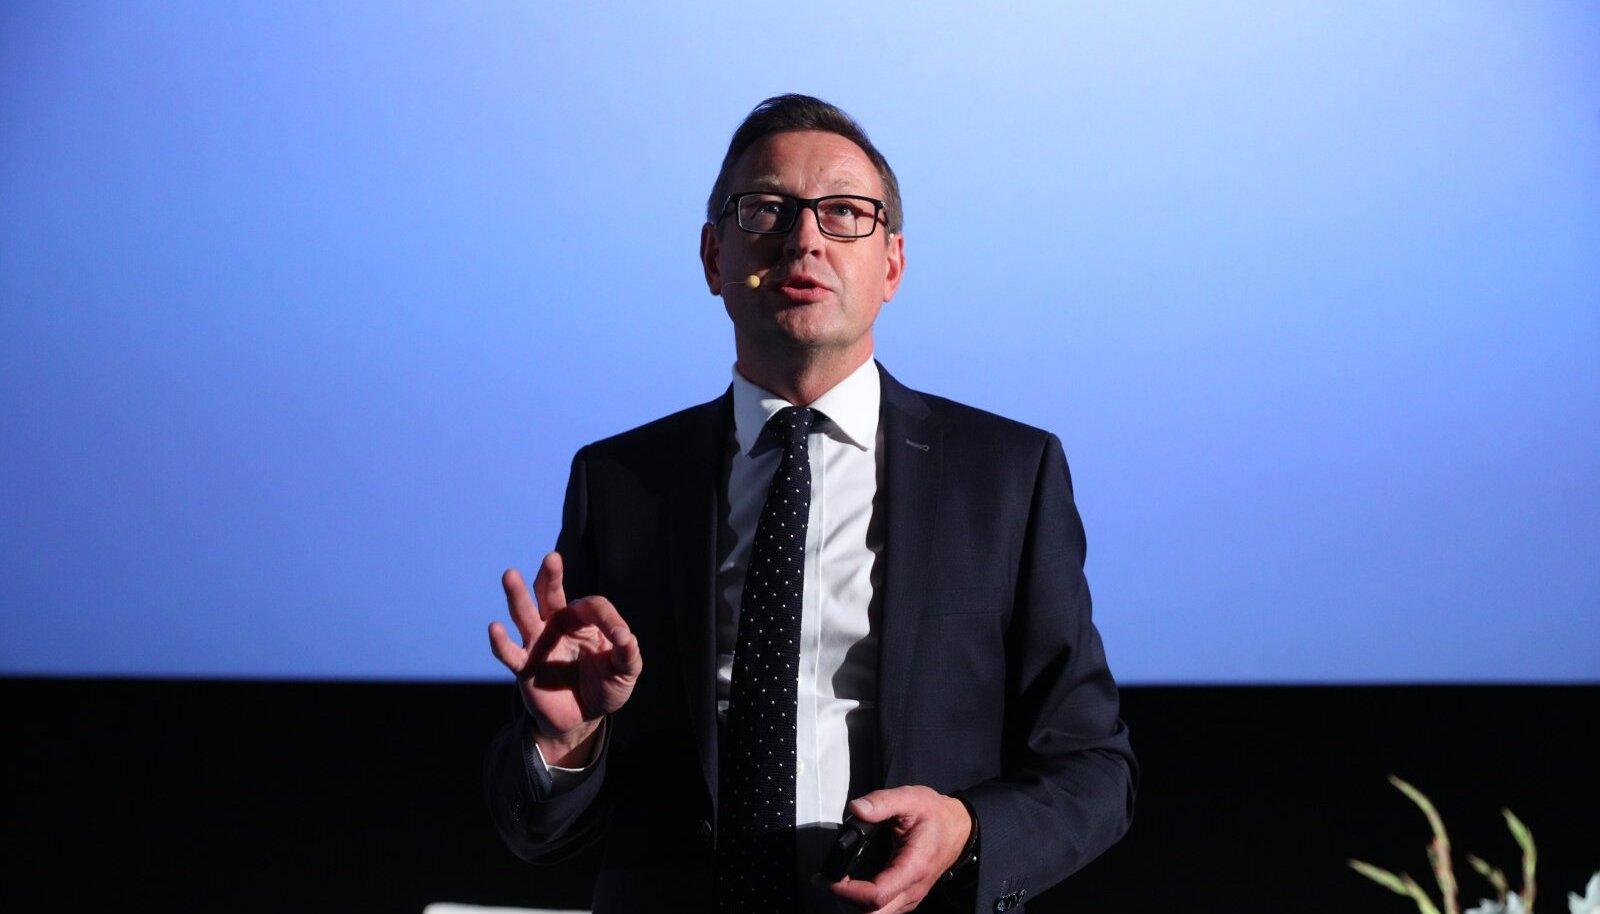 Statistikaameti juhi Mart Mägi sõnul on Eesti riigil veel pikk tee minna andmete otstarbeka kasutamiseni.